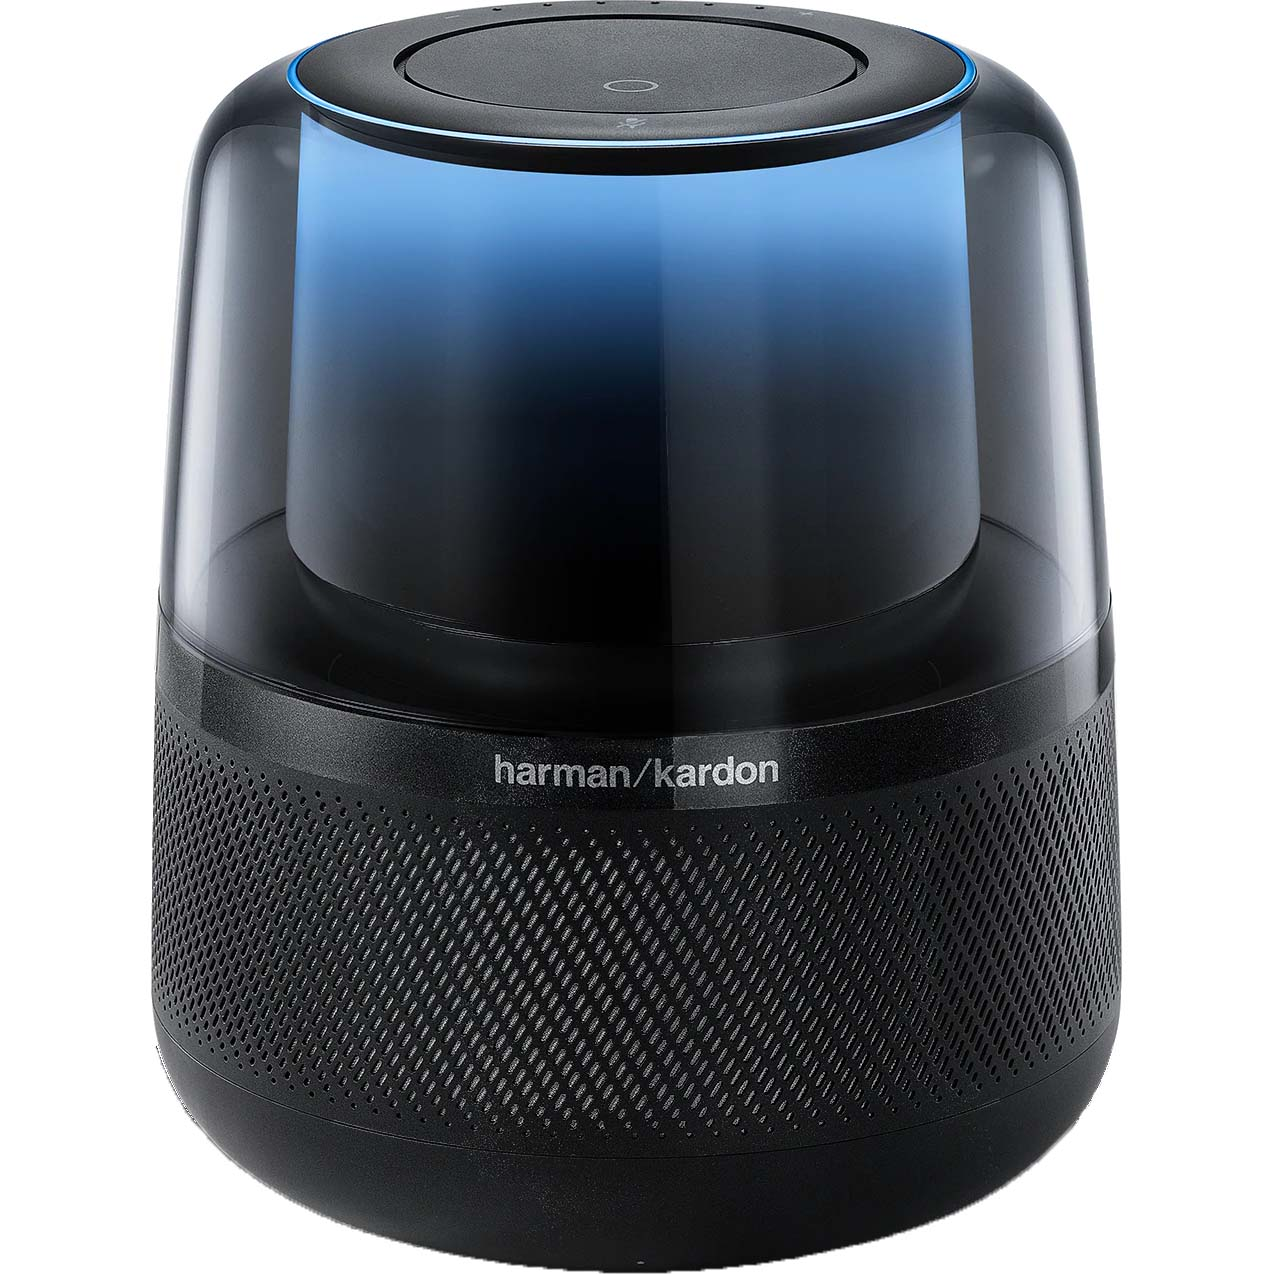 Fotografie Boxa Harman Kardon Allure, Voice-Activated Speaker, 4 Mics, Amazon Alexa, 360 Sound & Light